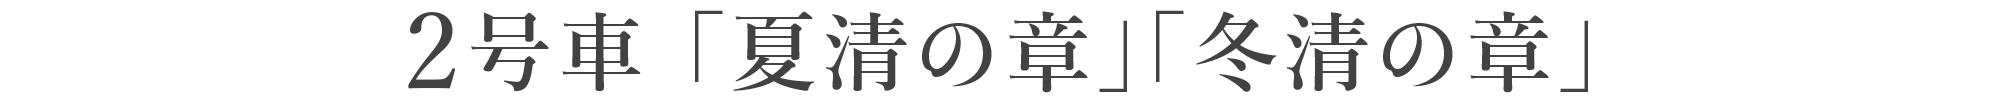 2号車「夏清(なつすがし)の章」「冬清(ふゆすがし)の章」